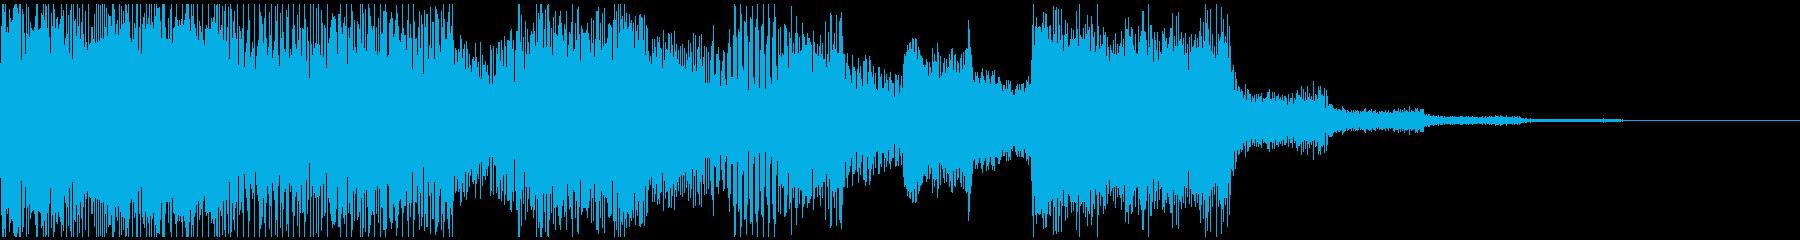 幻想的なサウンドロゴの再生済みの波形